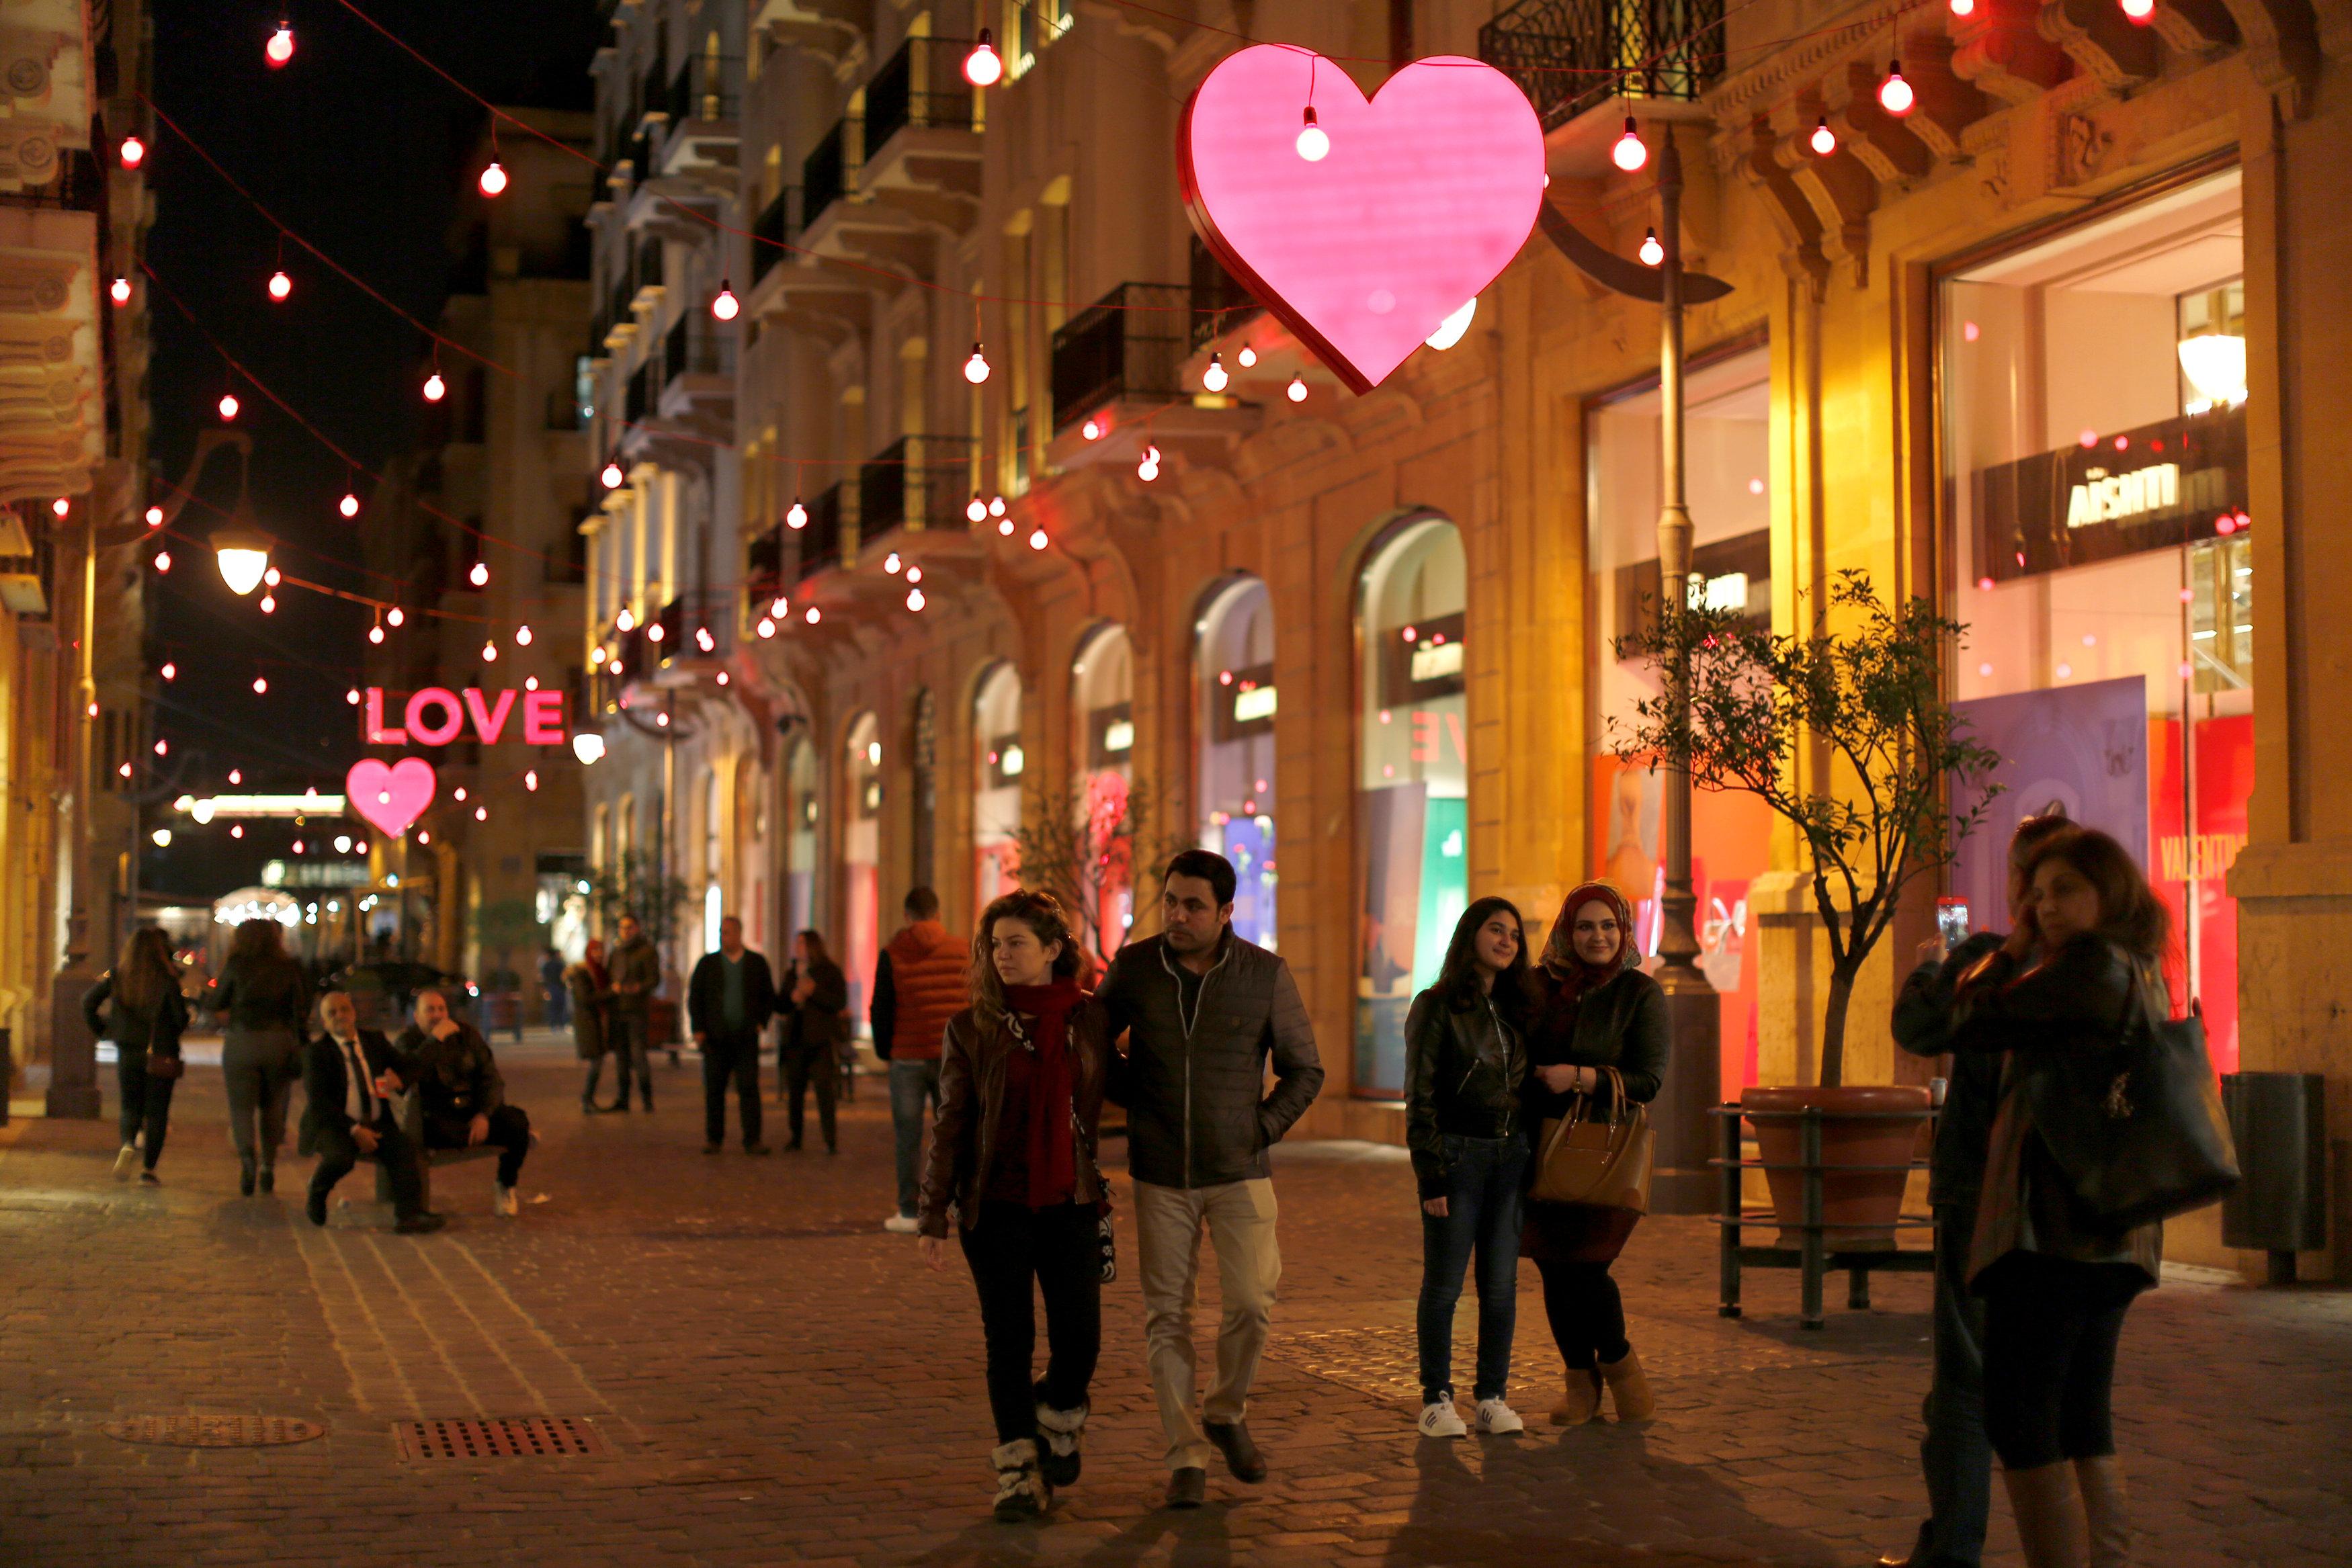 احتفالات الشباب بعيد الحب فى لبنان